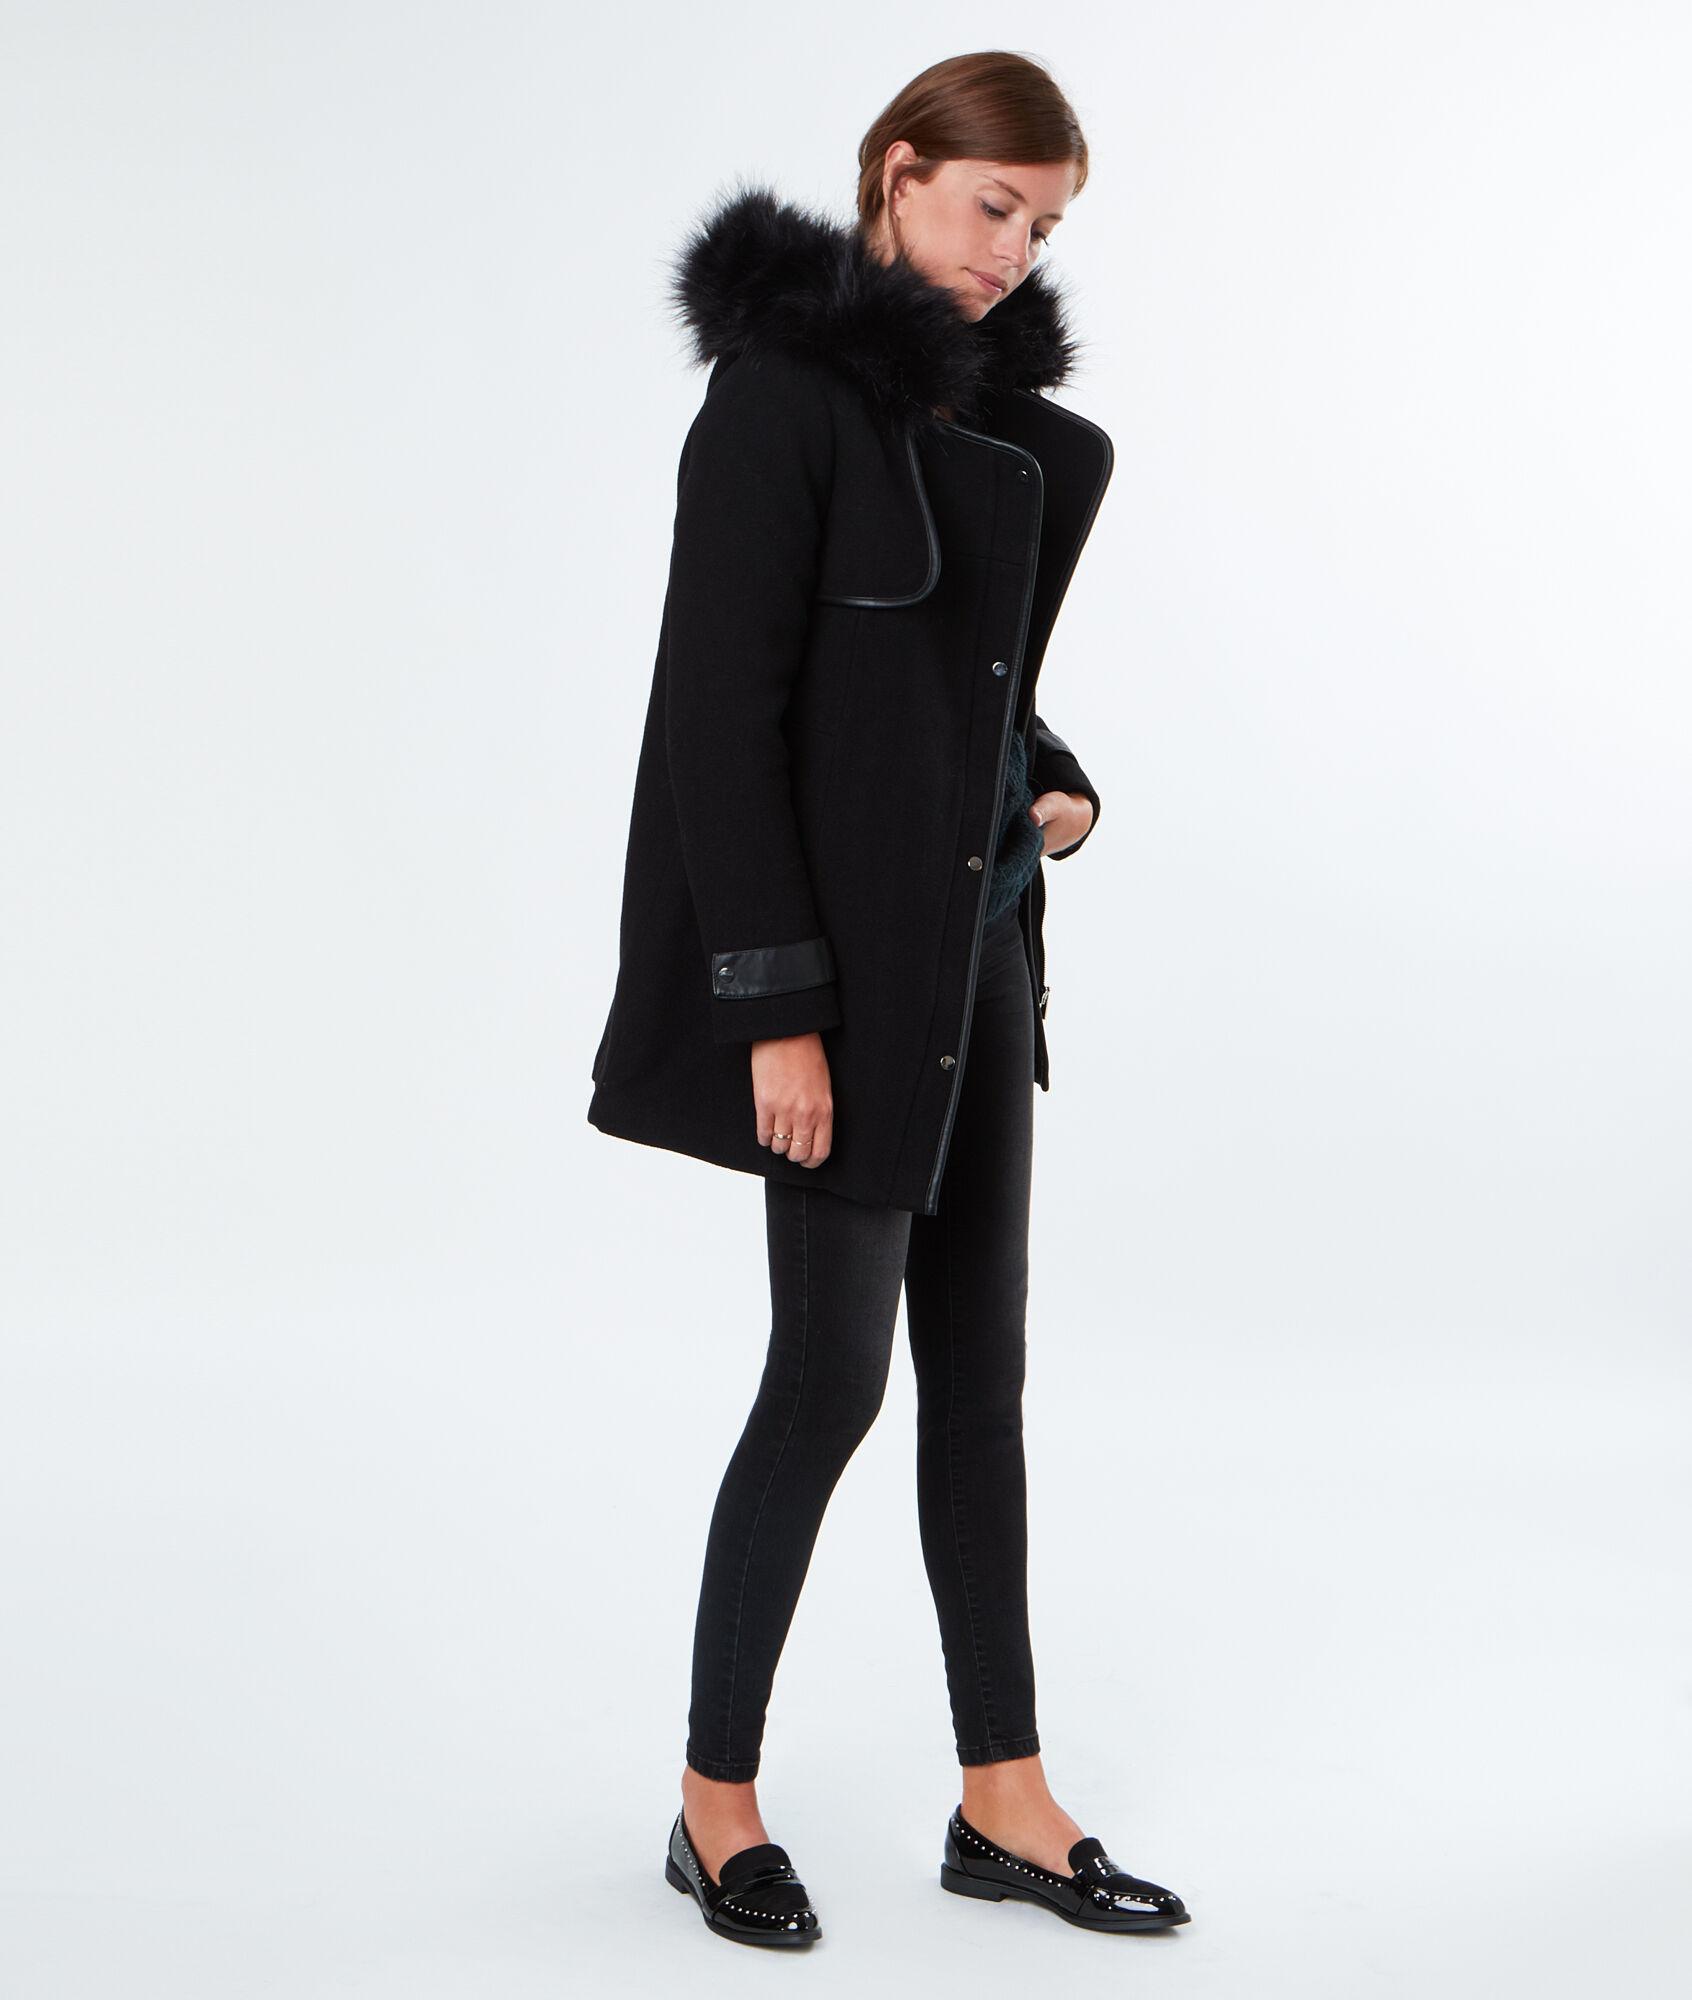 manteau en laine capuche en fausse fourrure. Black Bedroom Furniture Sets. Home Design Ideas